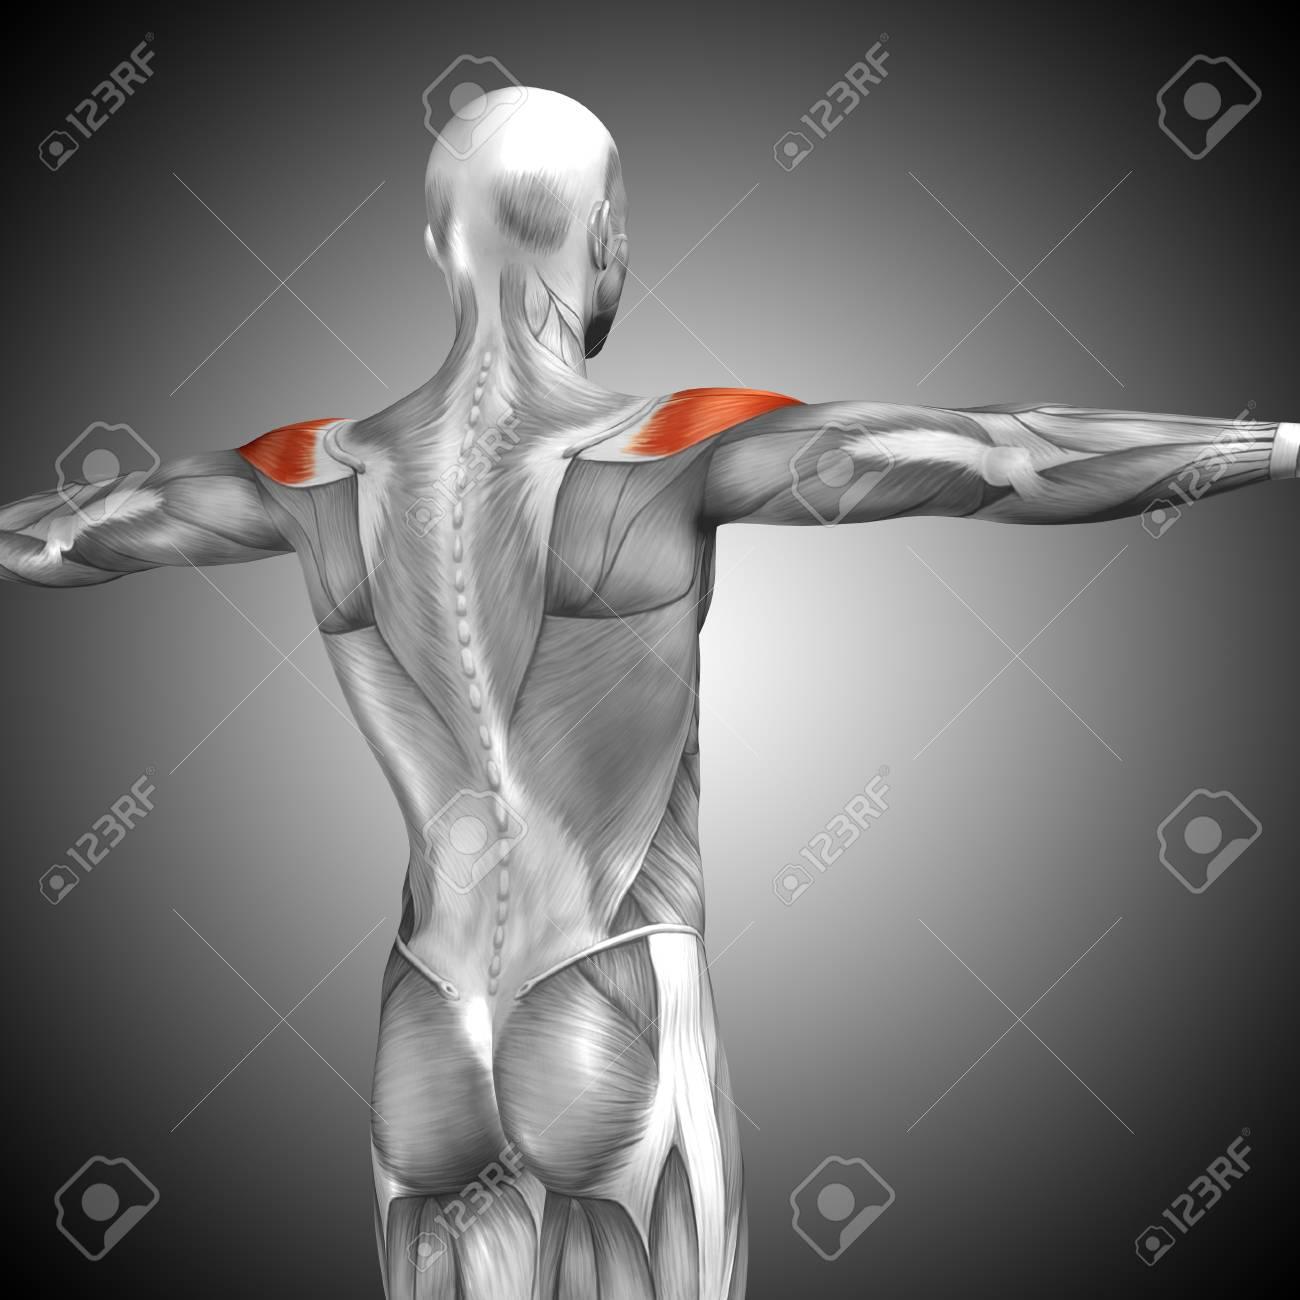 Konzeptionelle 3D-Anatomie Zurück Muskel Auf Grauem Hintergrund ...